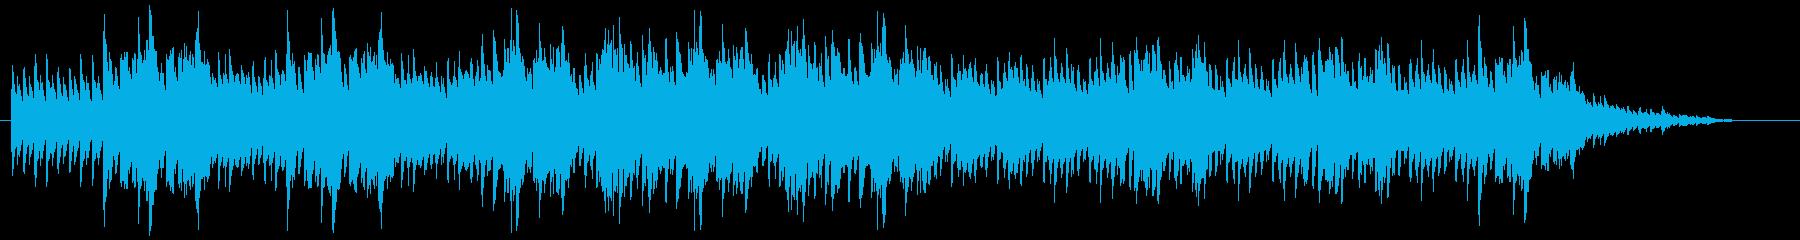 ポジティブ&希望をイメージして作ったピ…の再生済みの波形